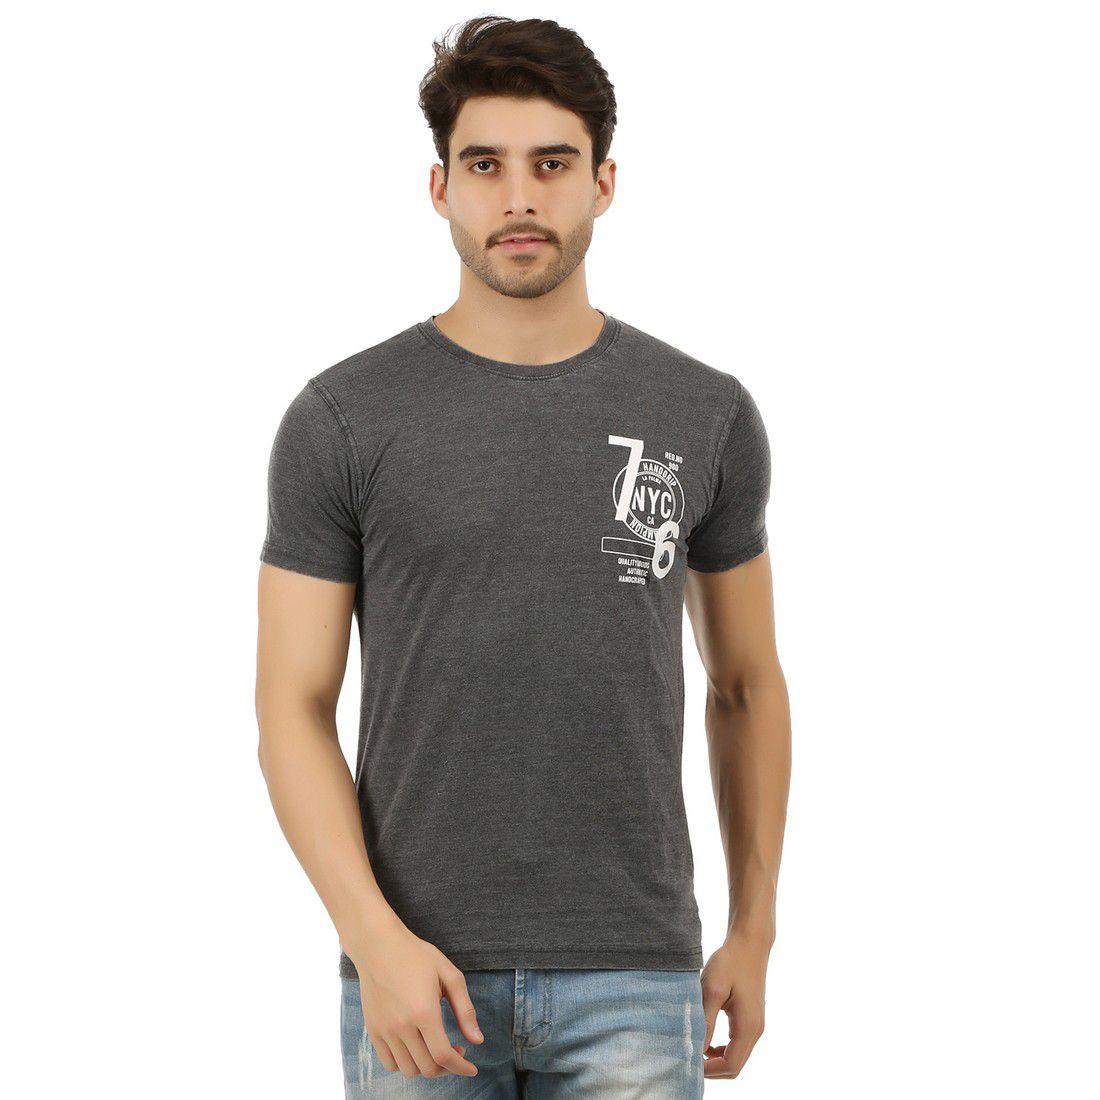 Handgrip Black Round T-Shirt Pack of 1